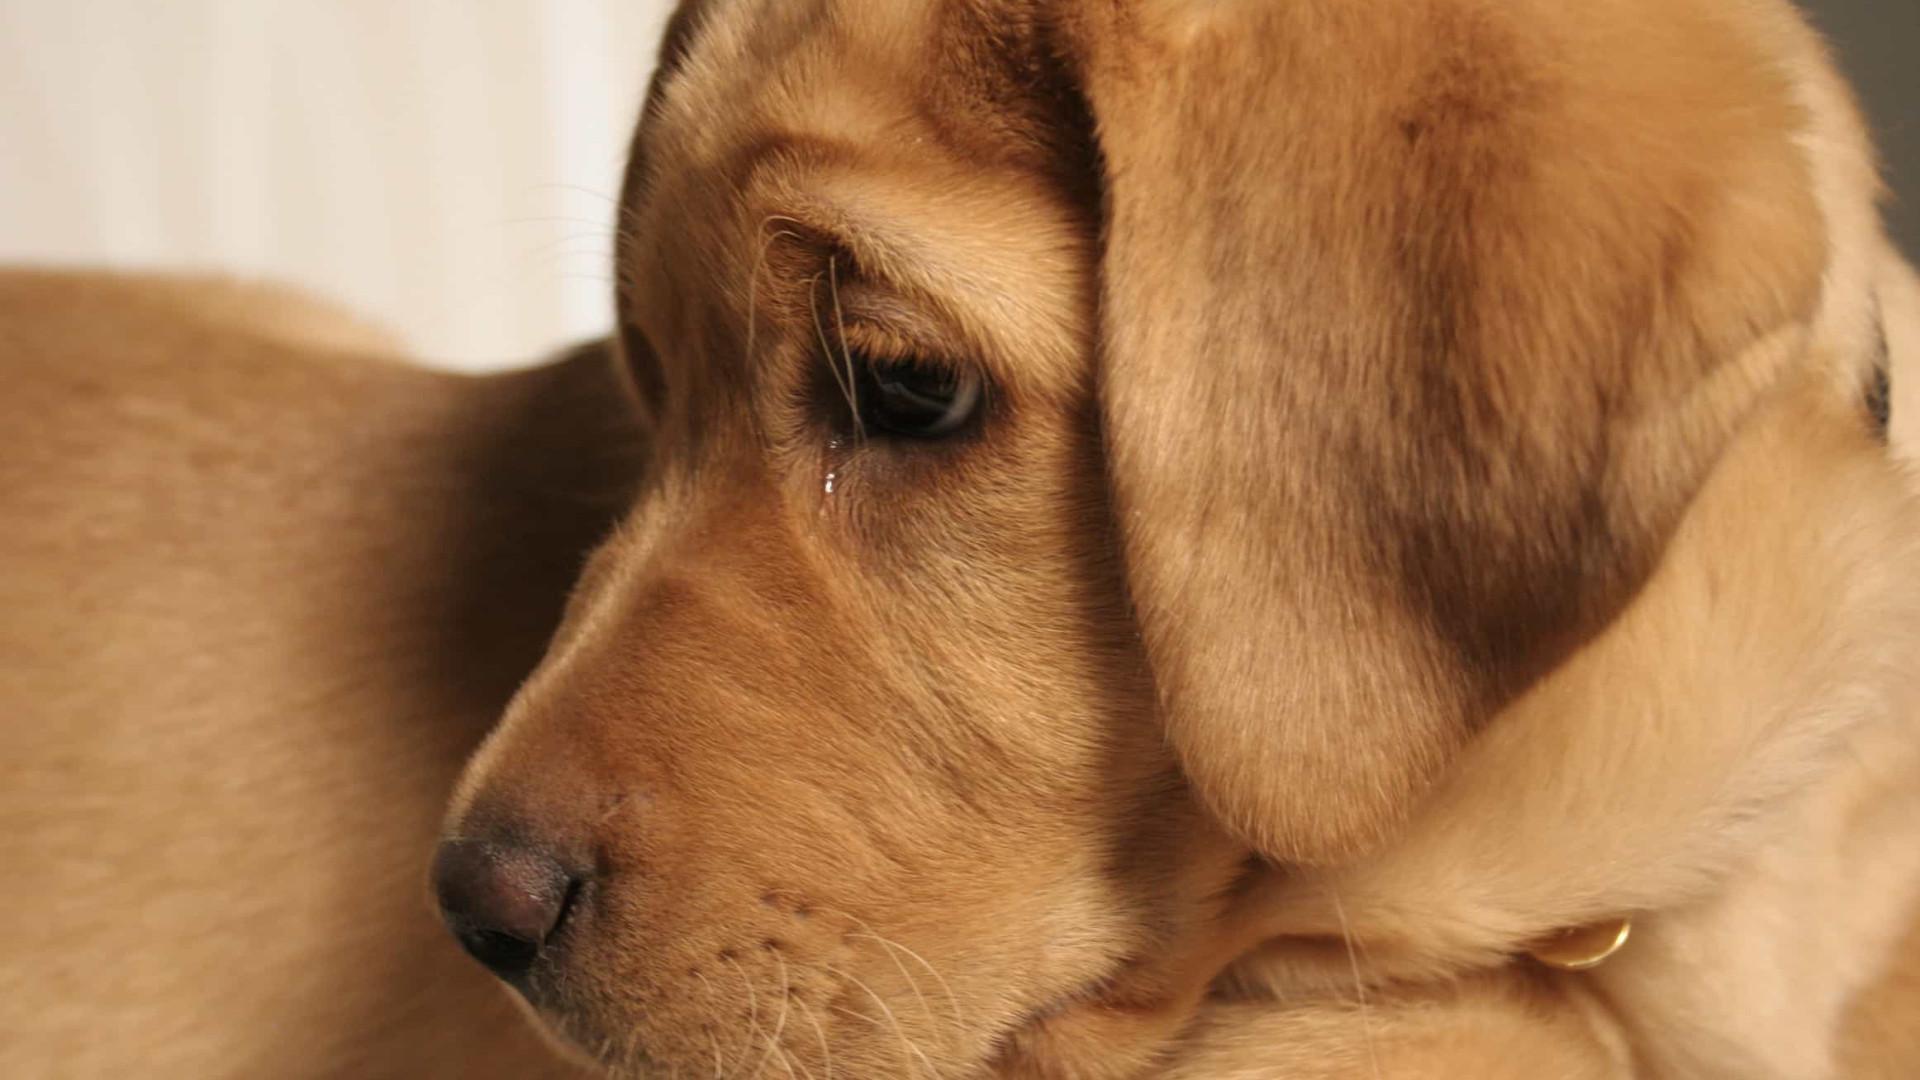 O que significa, realmente, o choro de um cão